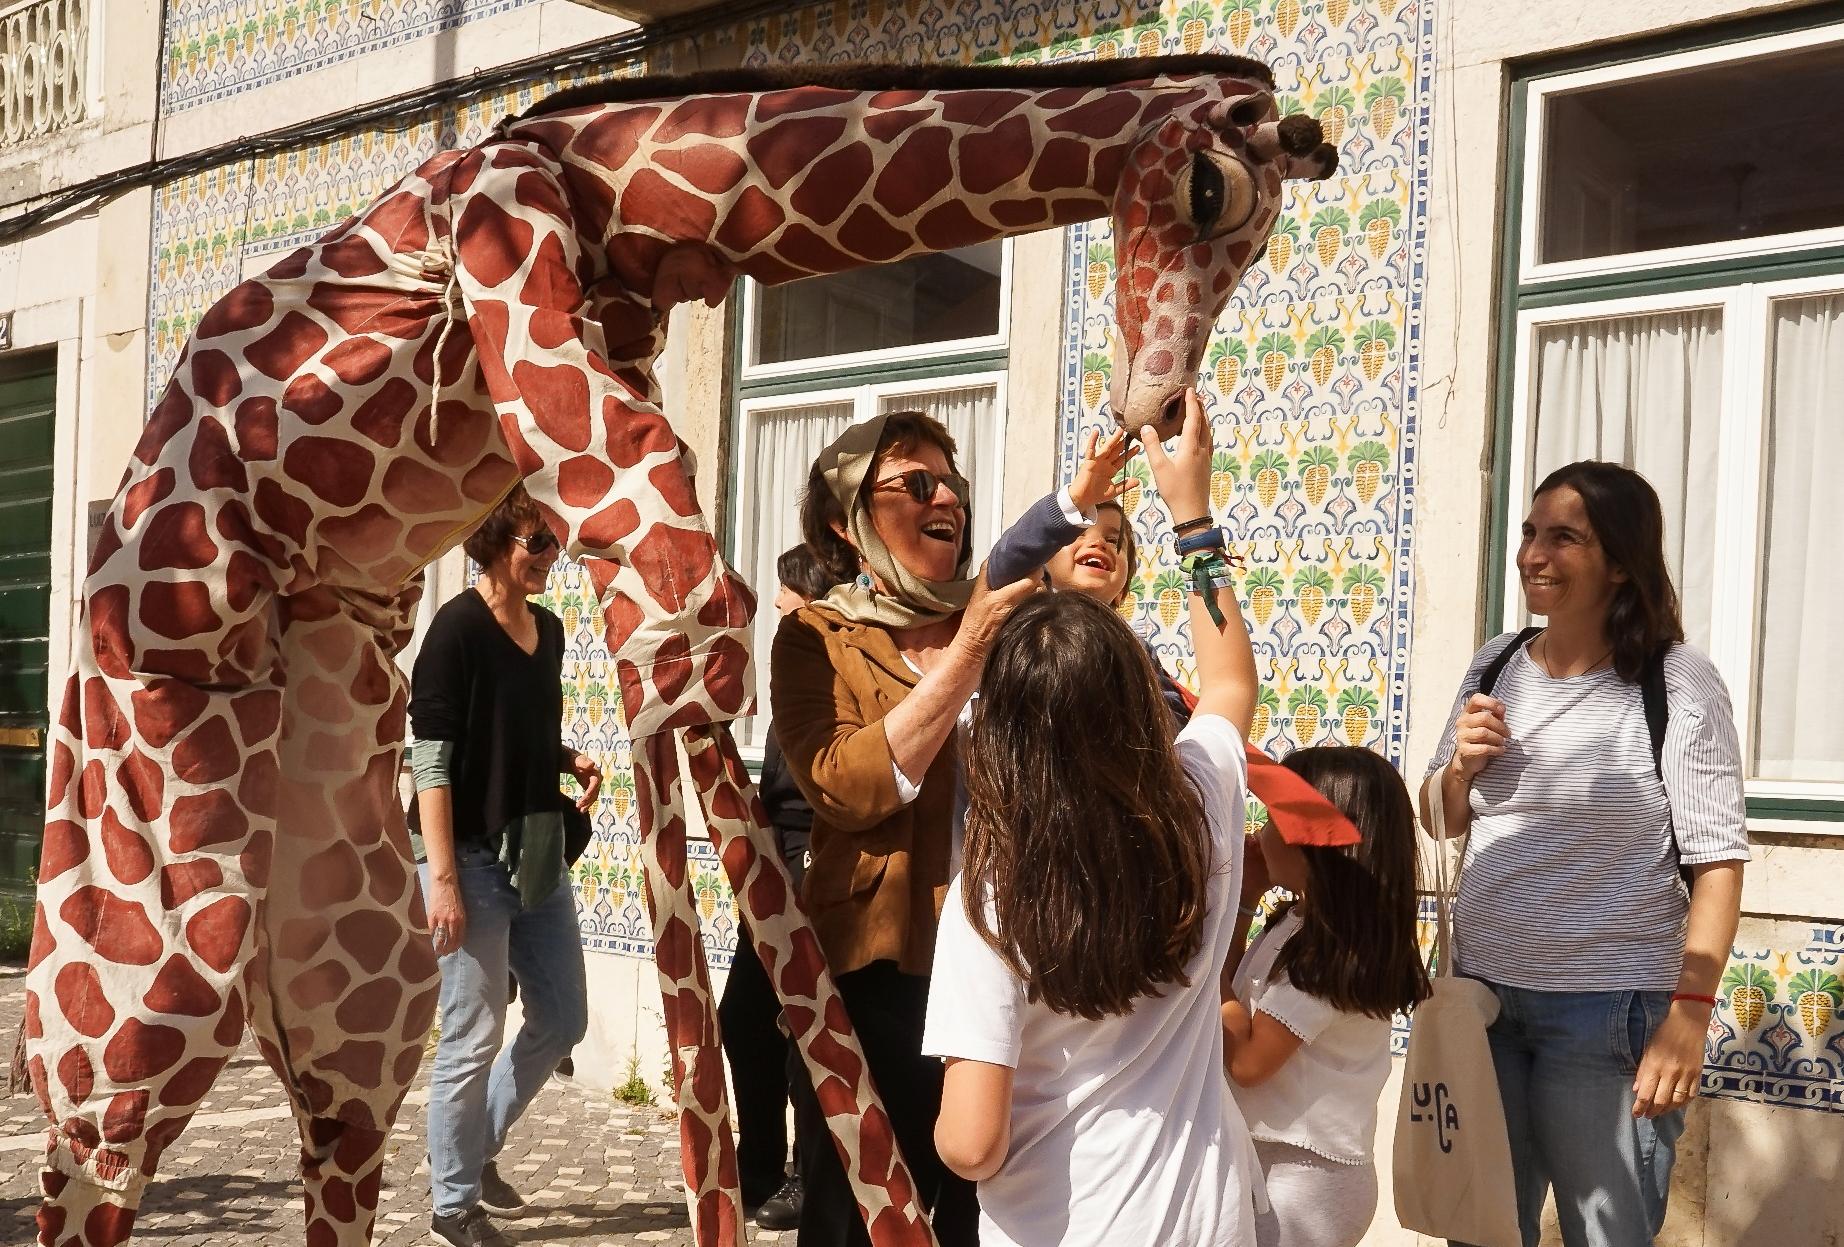 Actor vestido de girafa interage com crianças e adultos